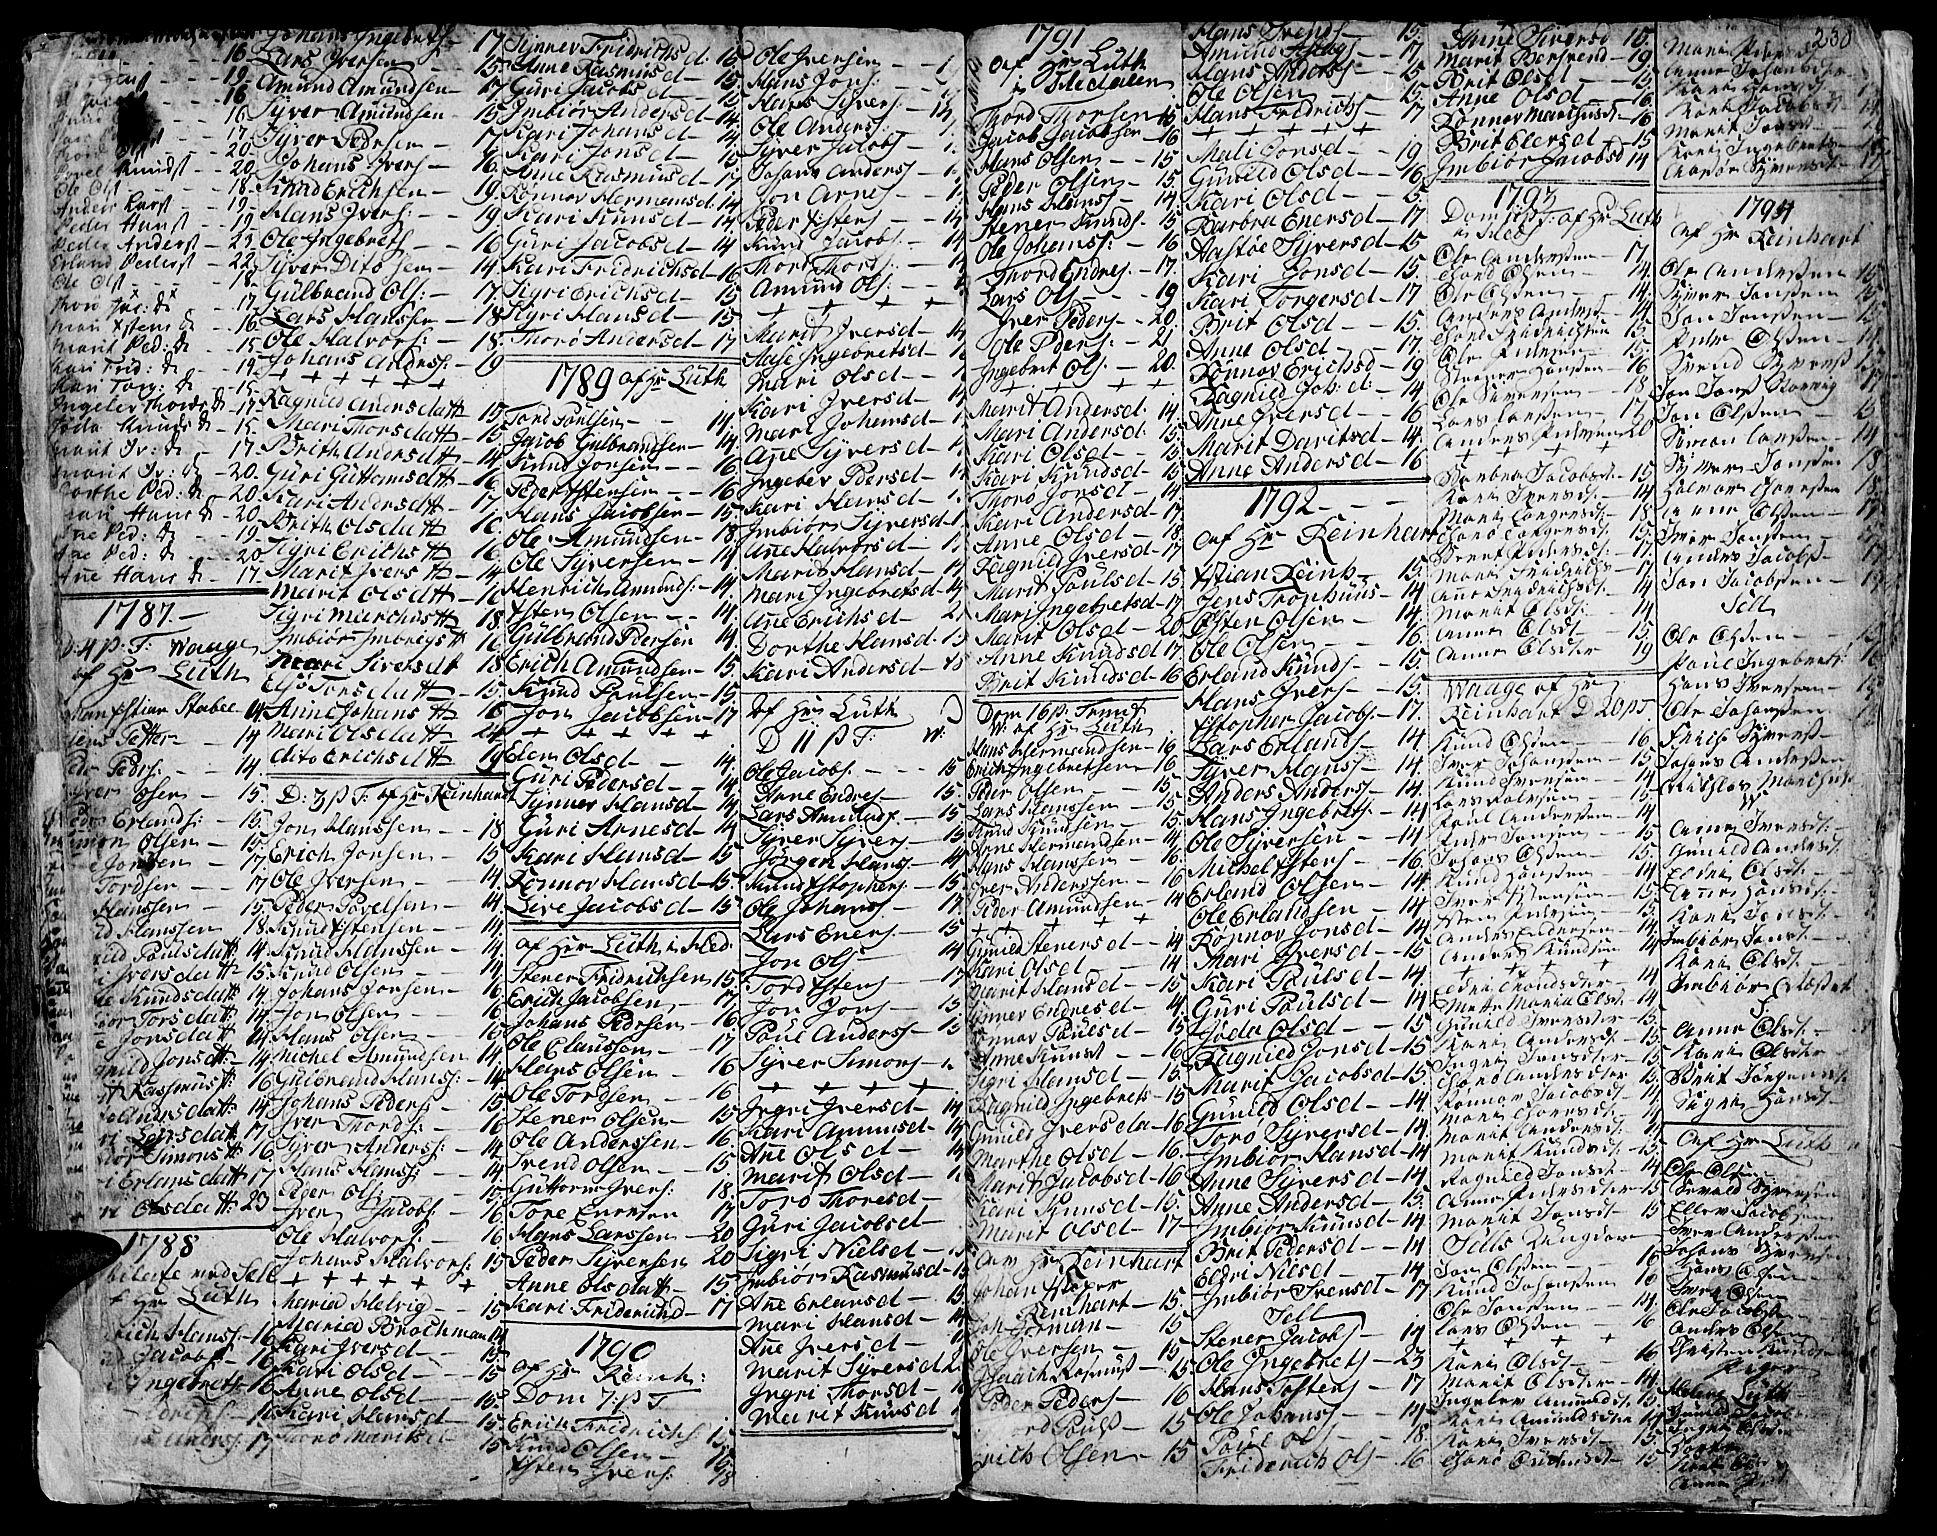 SAH, Vågå prestekontor, Parish register (official) no. 1, 1739-1810, p. 230